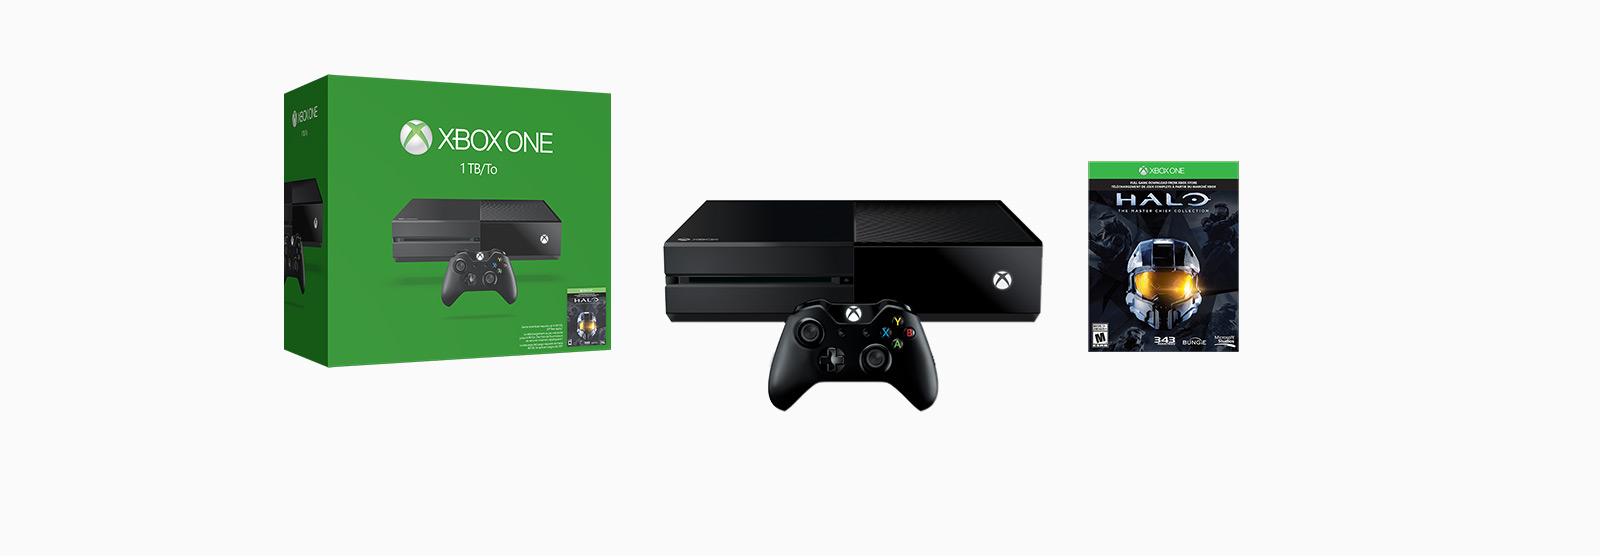 En savoir plus sur la nouvelle console XboxOne de 1To.